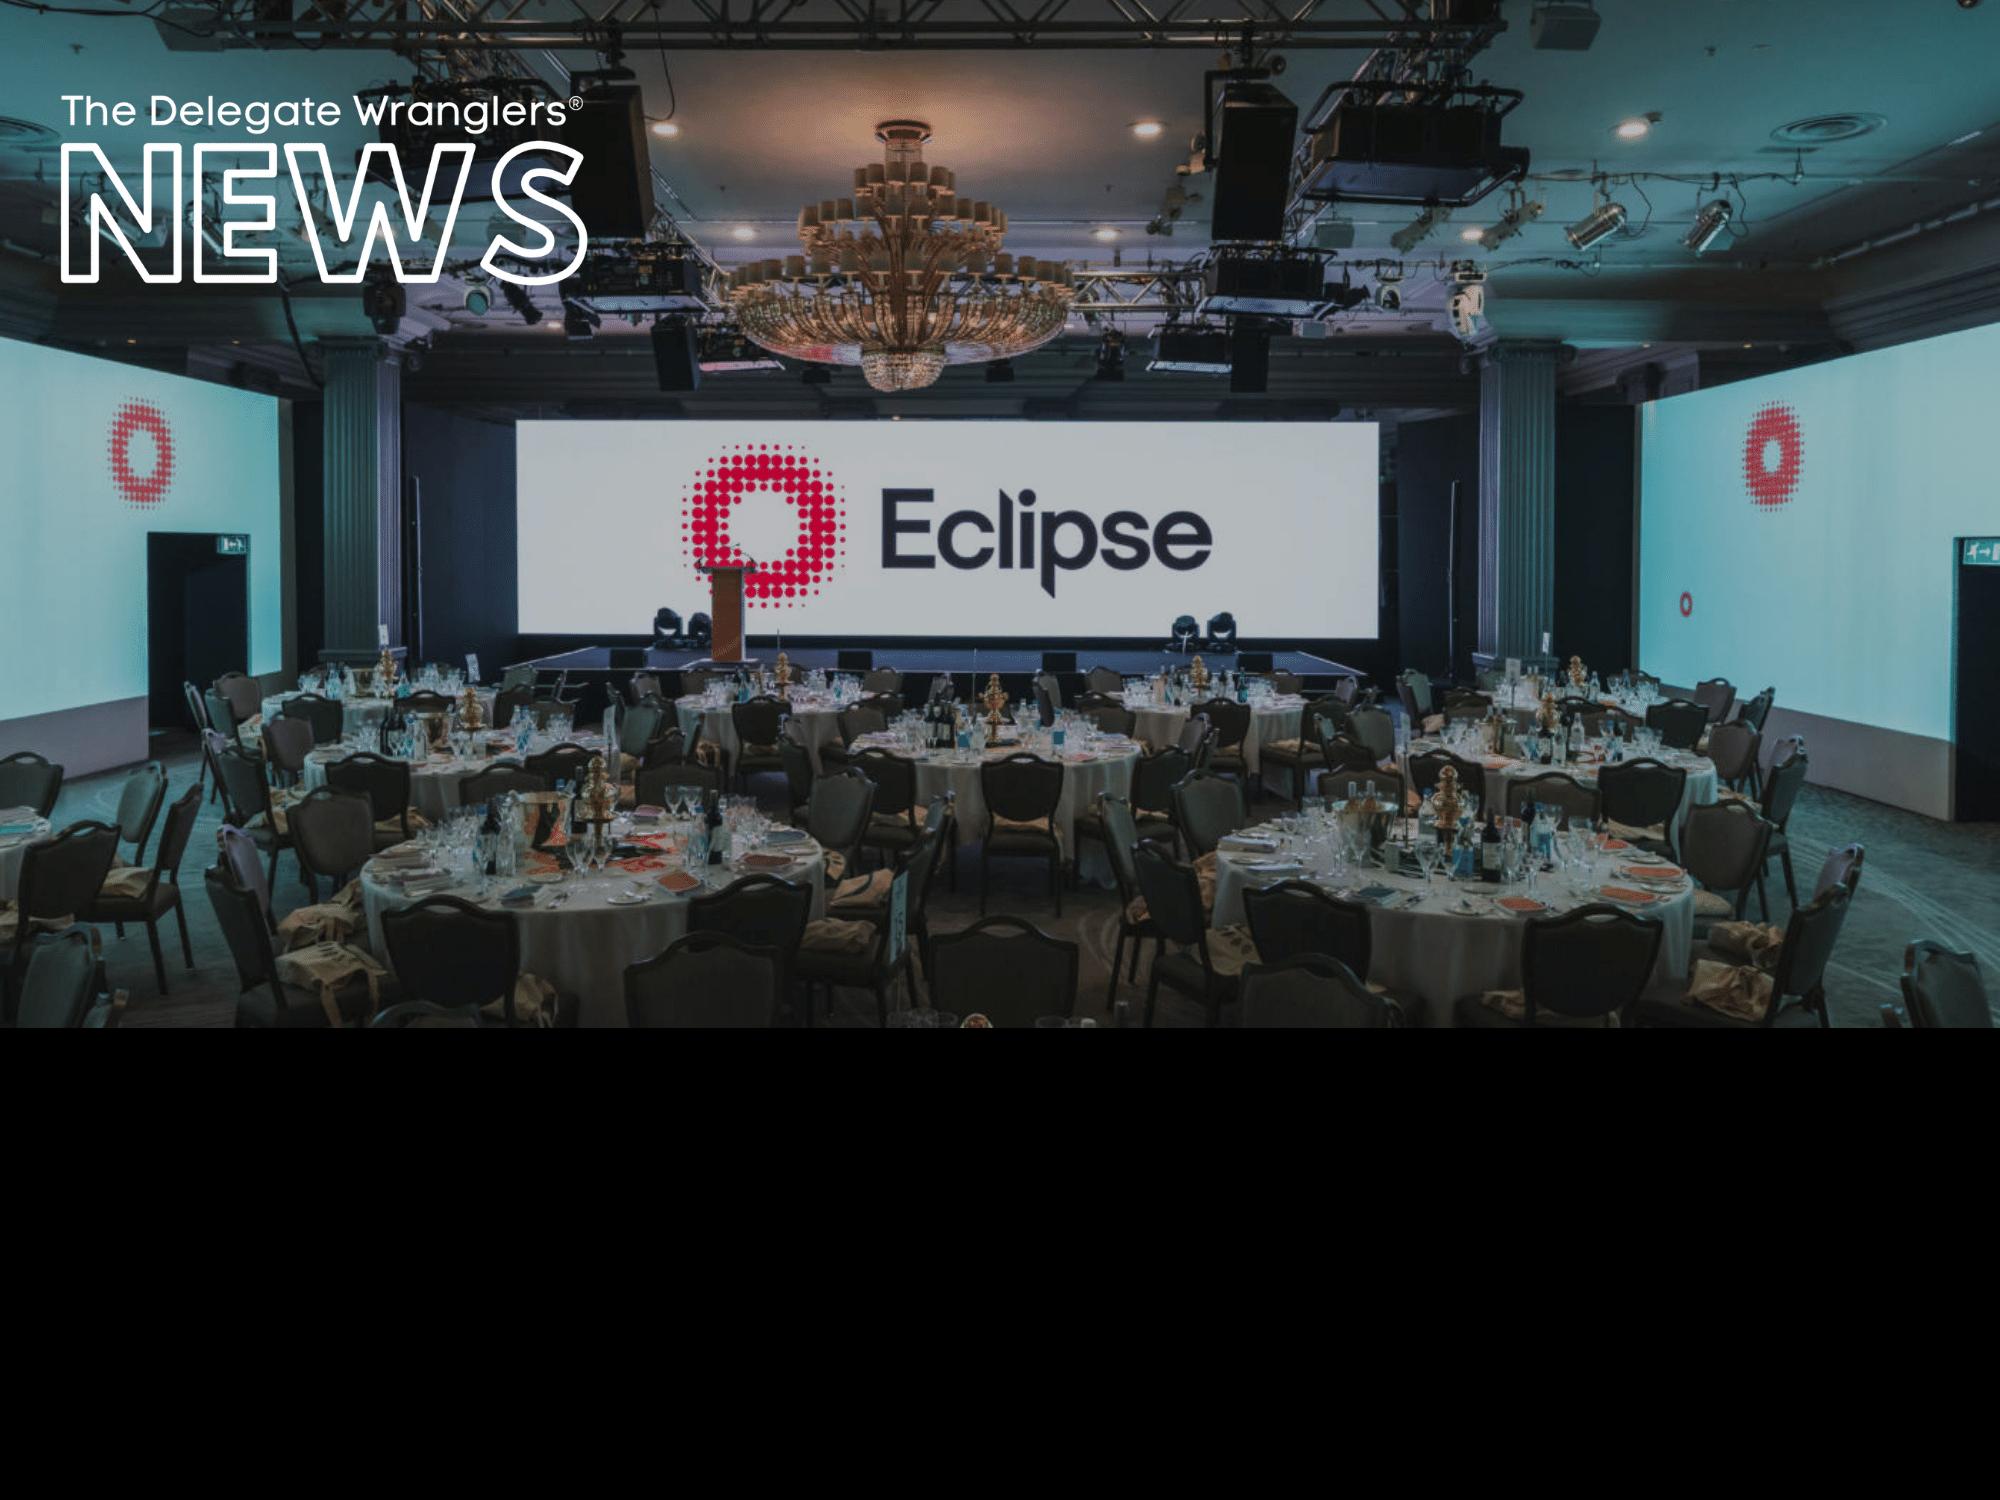 Eclipse announced as newest member of AV Alliance